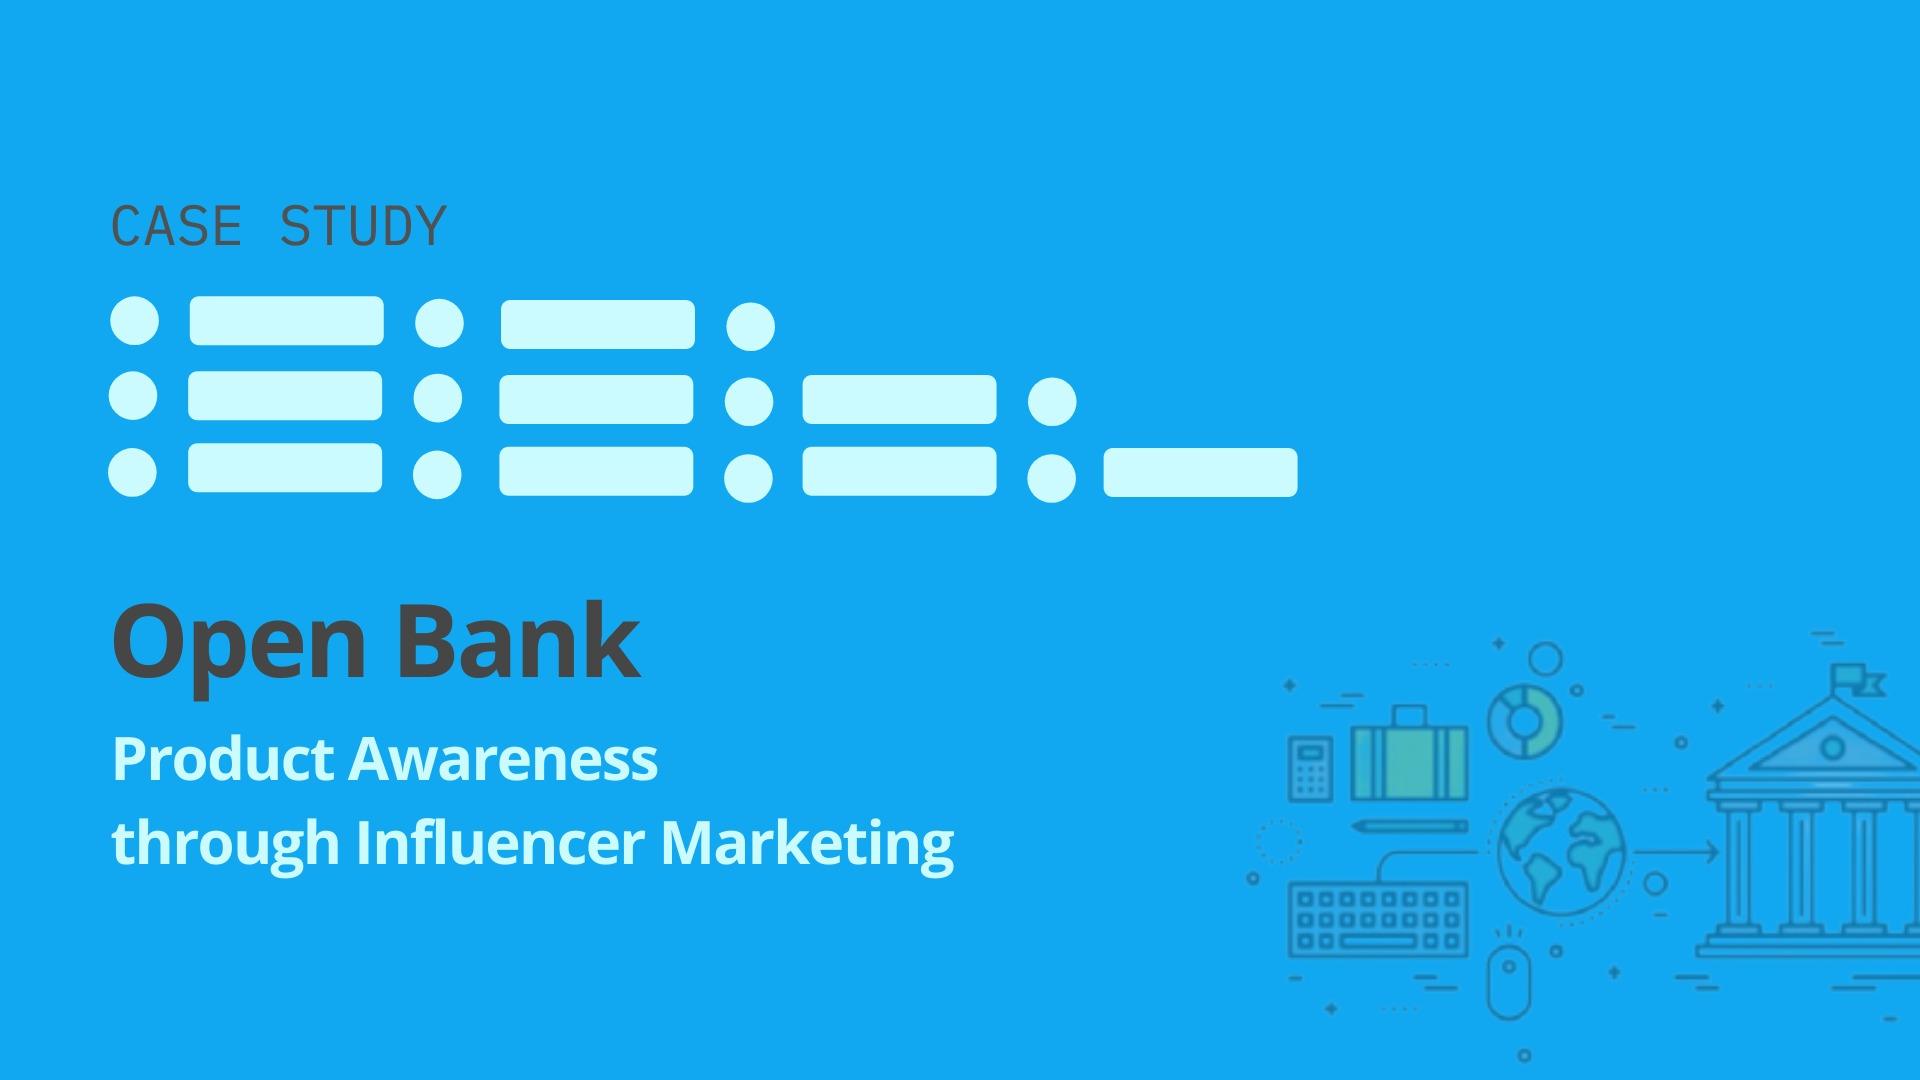 Open Bank: Product Awareness through Influencer Marketing - blog by Winkl (An influencer marketing platform)